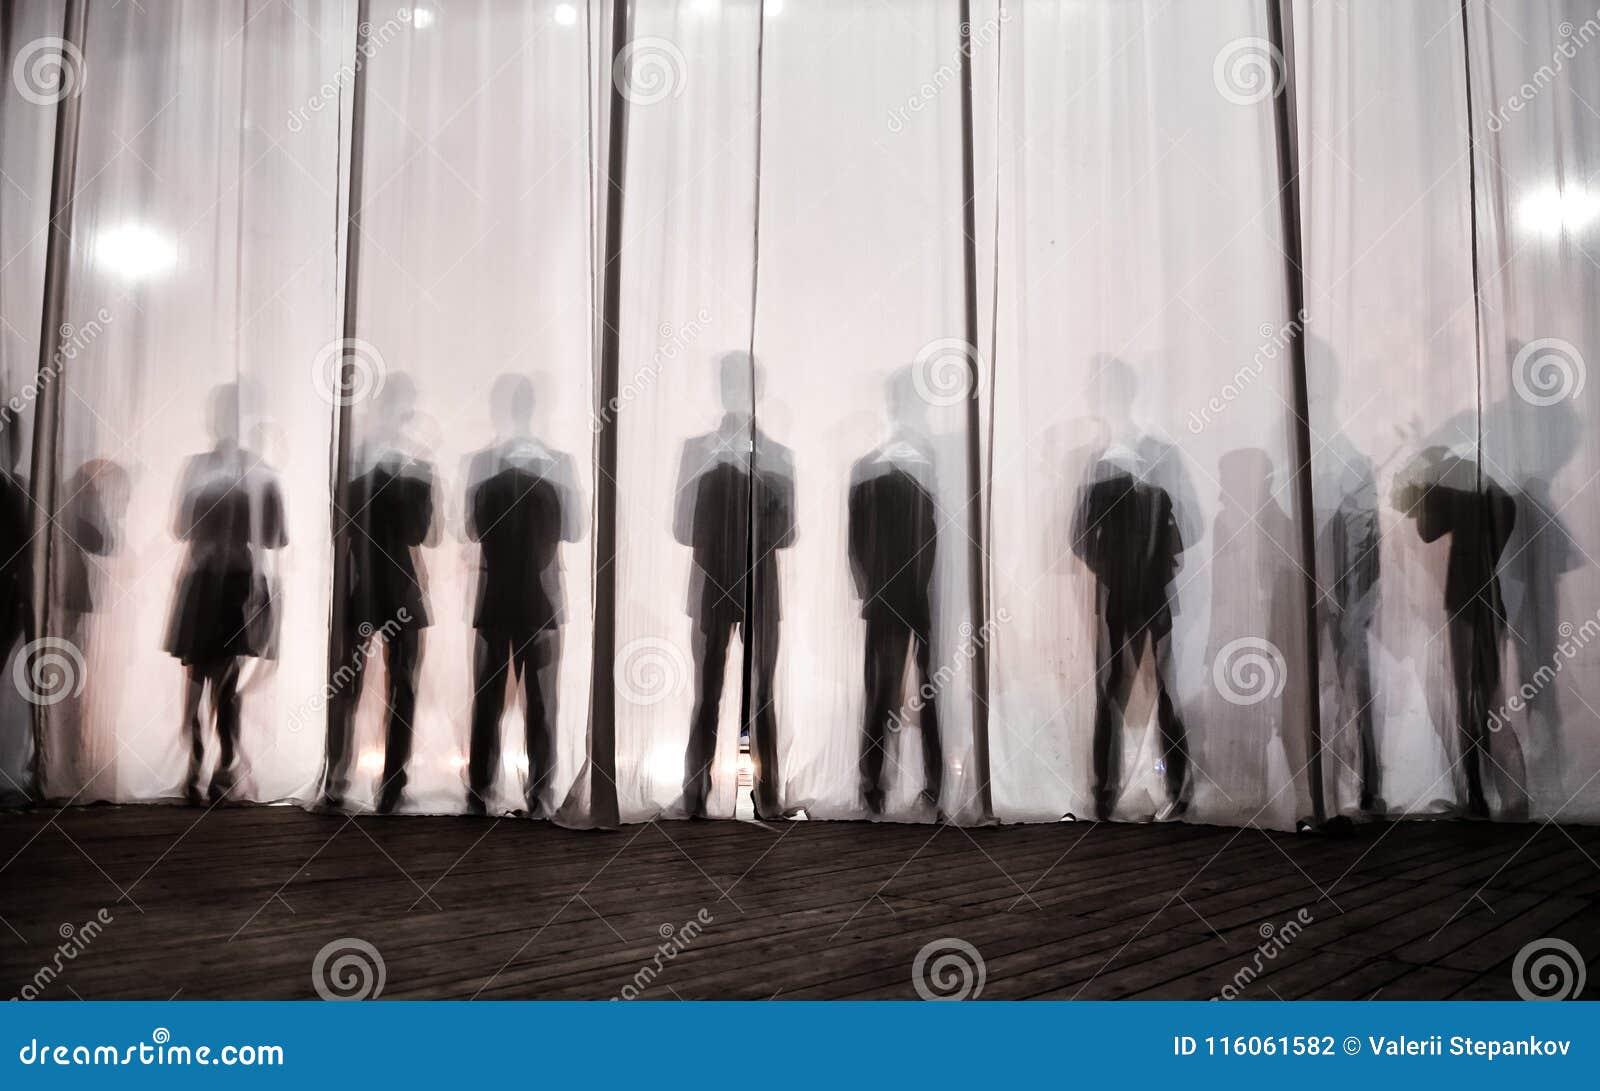 Das Schattenbild der Männer hinter dem Vorhang im Theater auf Stadium, der Schatten ist hinter den Kulissen dem Weiß und dem bla